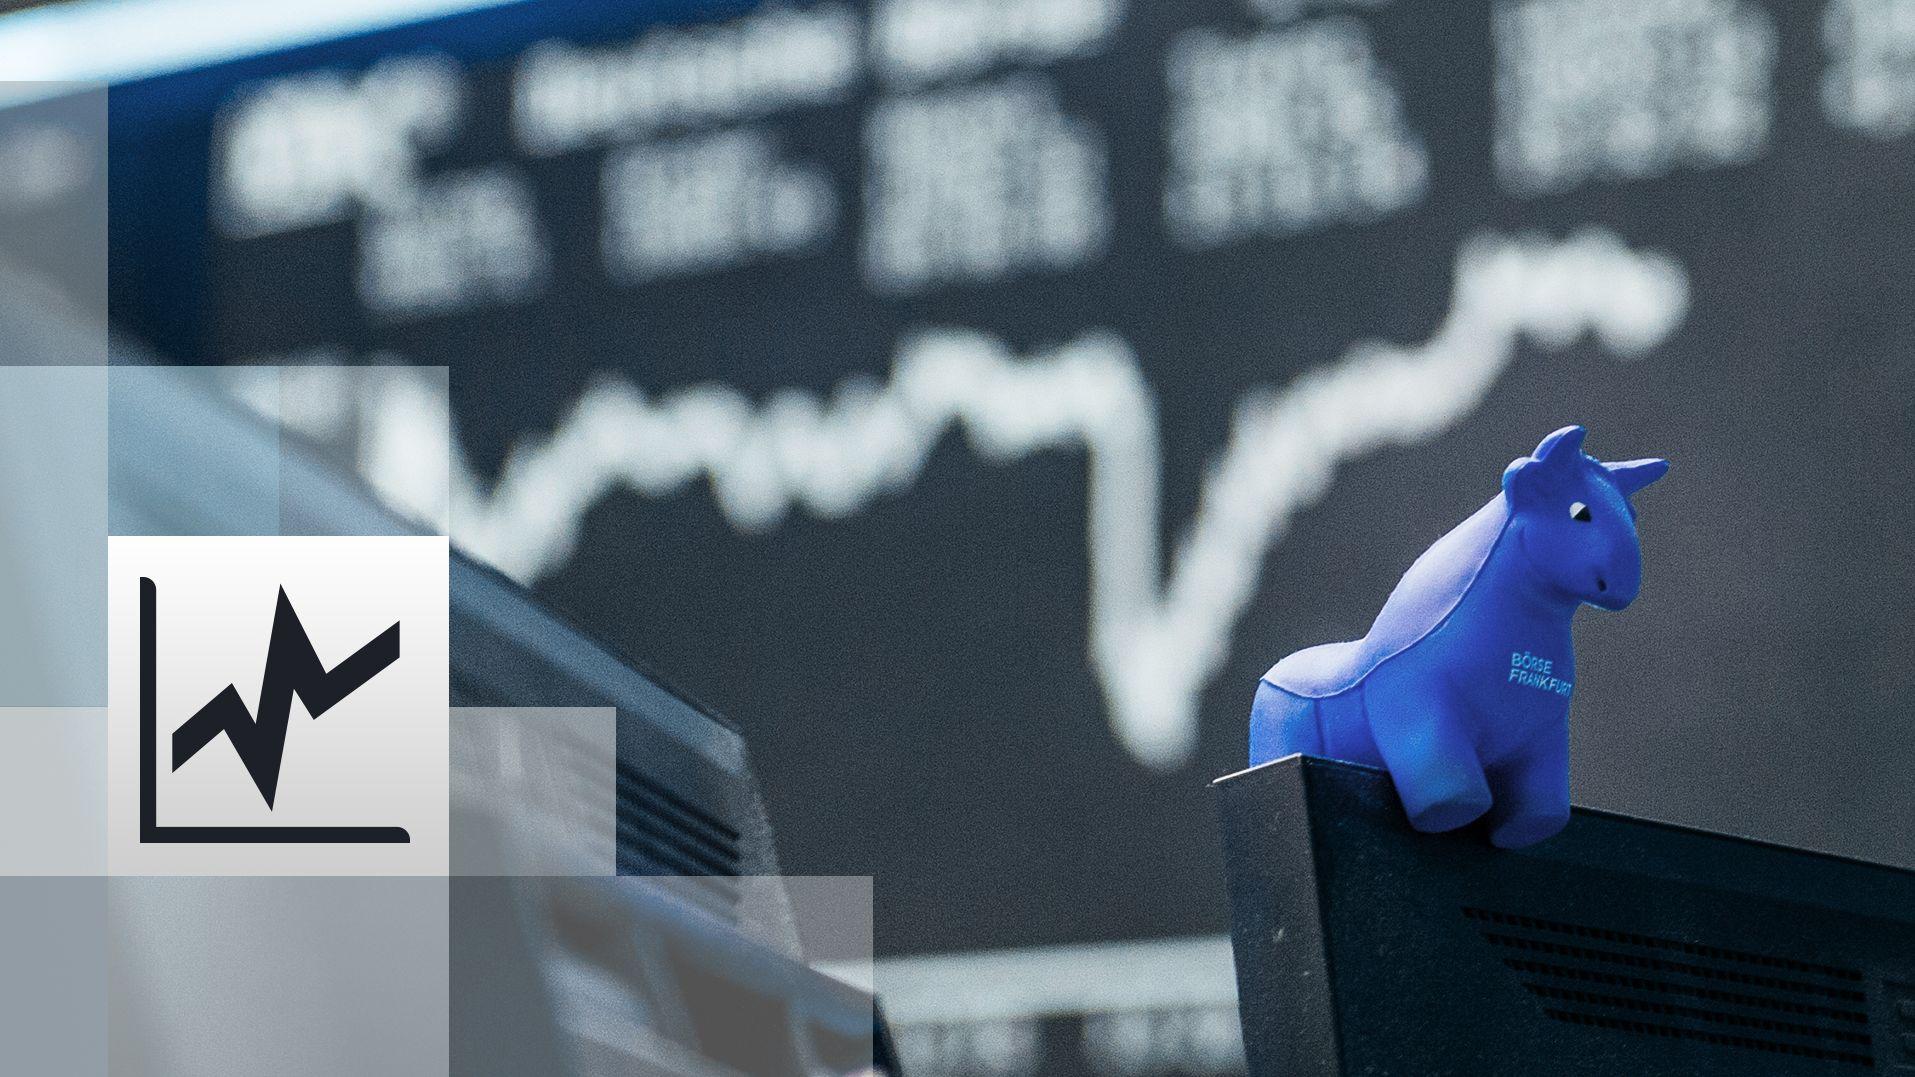 Börse: Börsen trotzen Corona-Virus